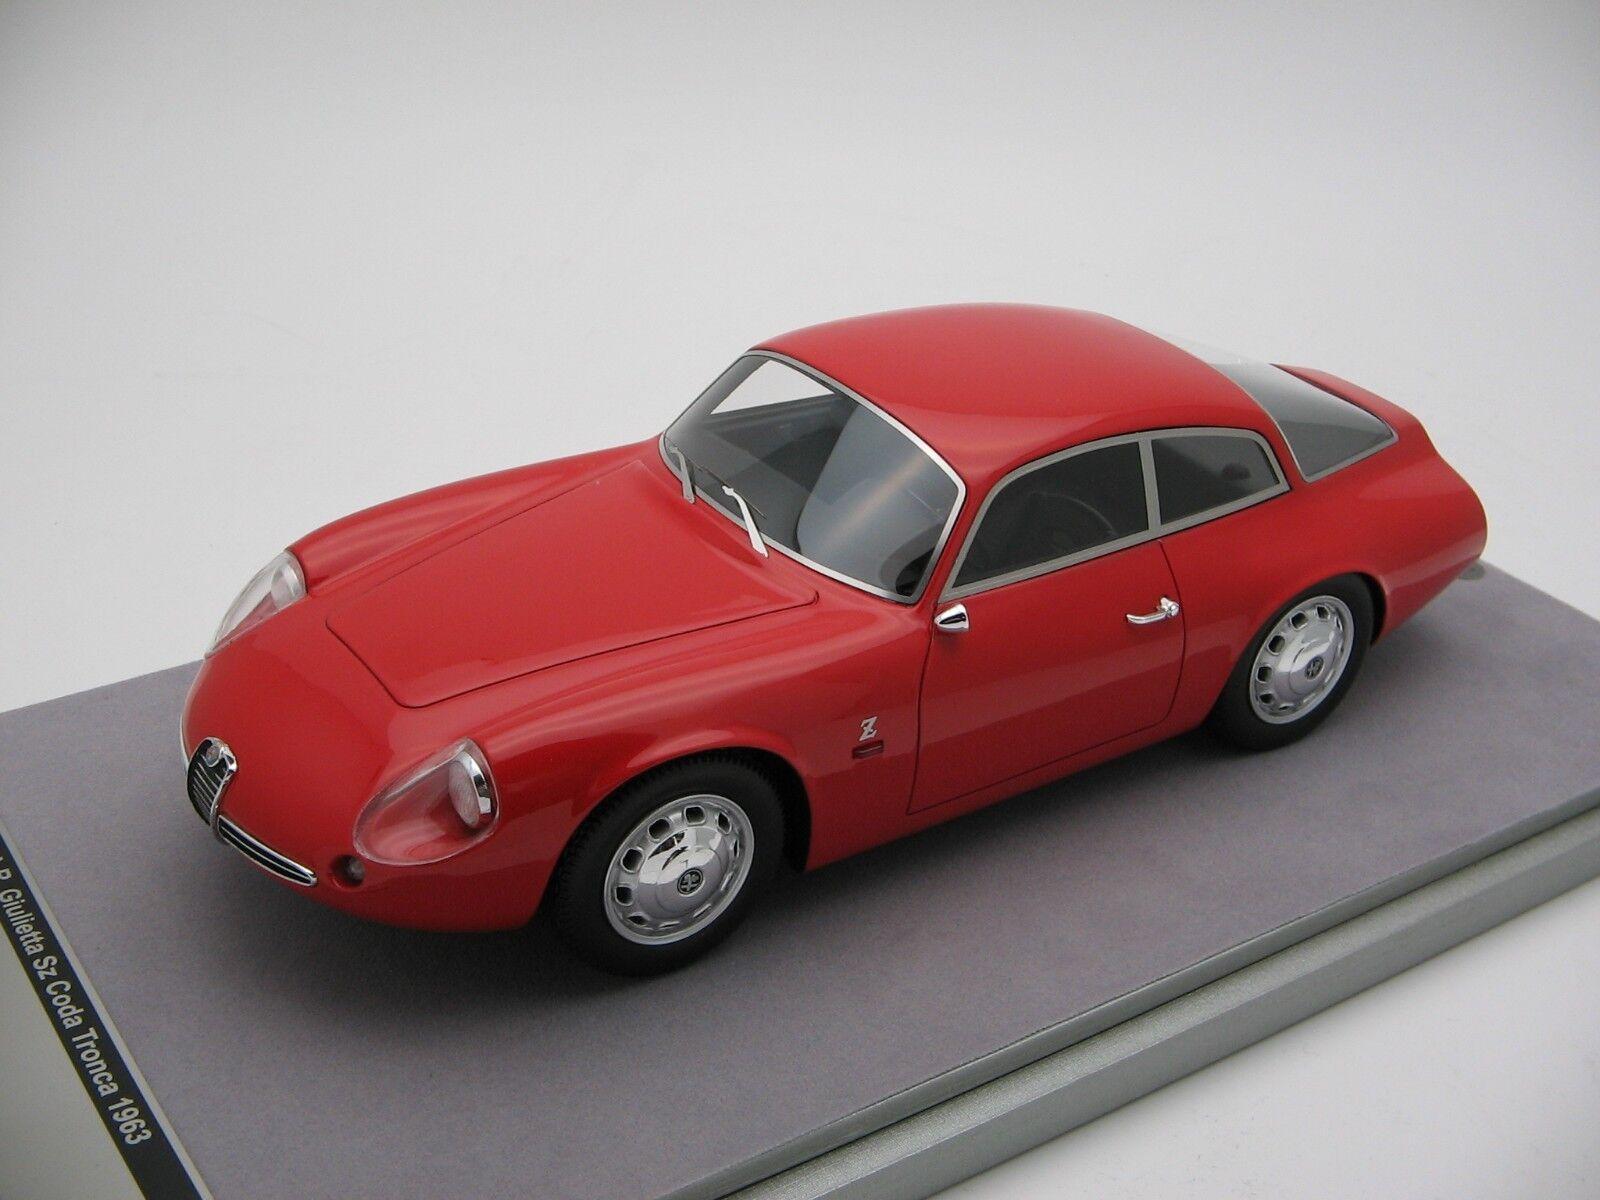 1 18 scale Tecnomodellolo Alfa Romeo SZ Coda Tronca press Rosso Alfa 1963 - TM18-71A